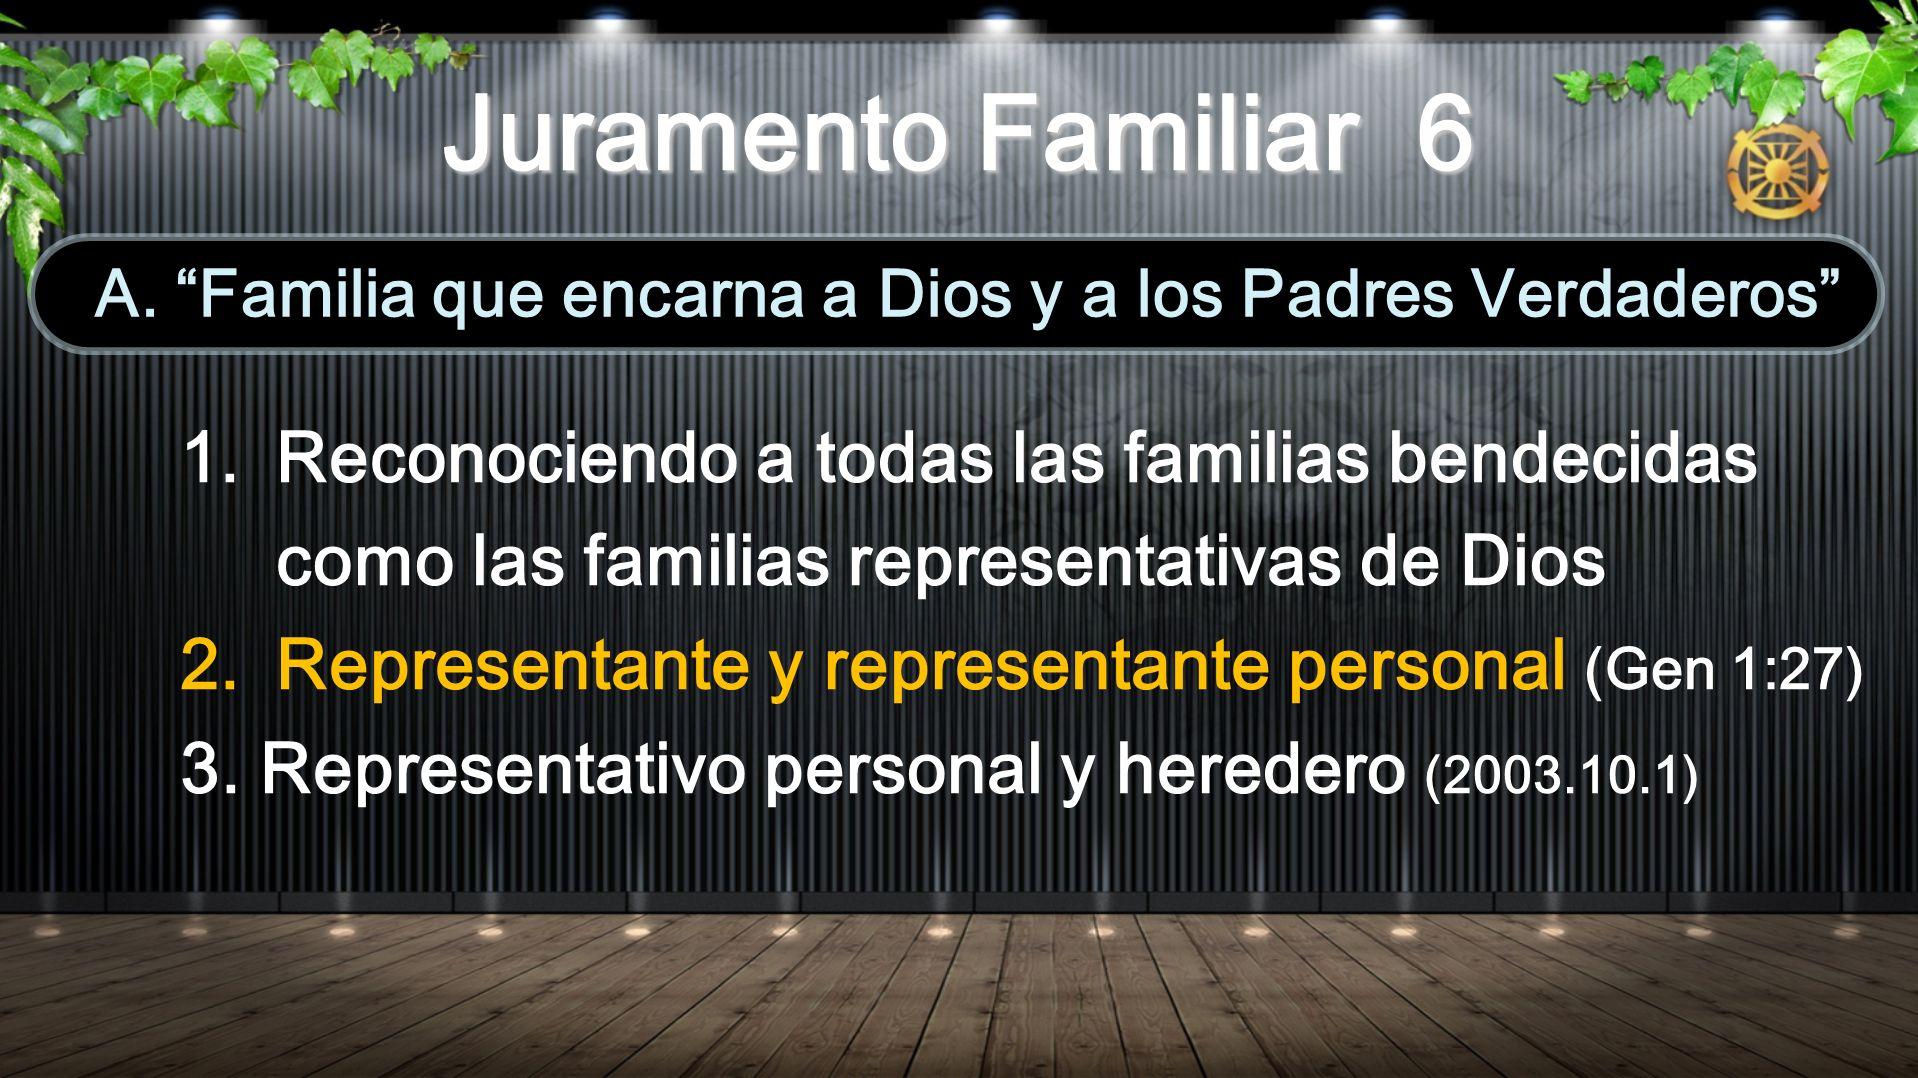 1.Reconociendo a todas las familias bendecidas como las familias representativas de Dios 2.Representante y representante personal (Gen 1:27) 3.